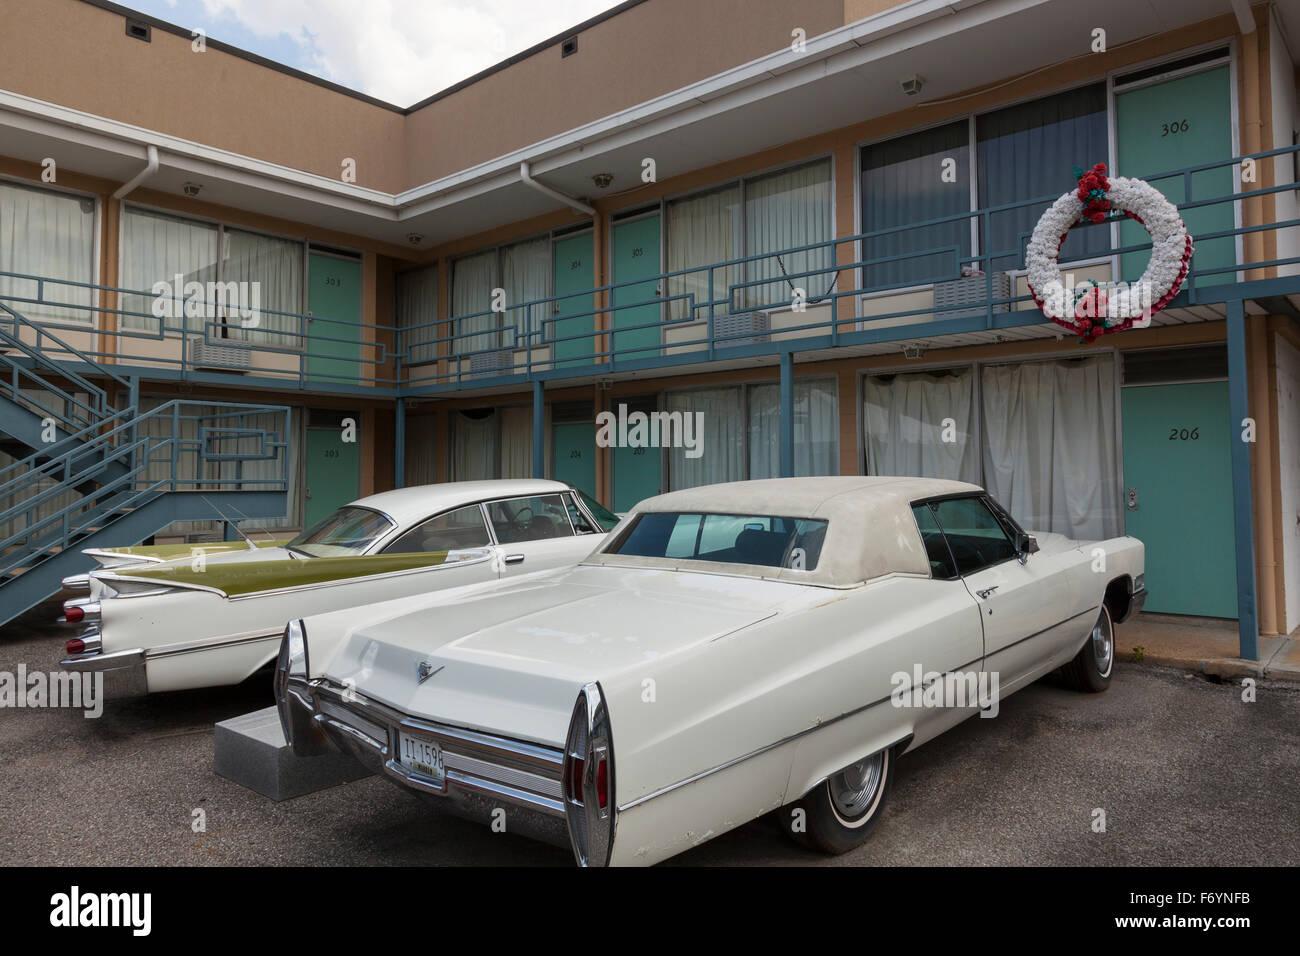 Le Musée National des Droits Civils au Lorraine Motel de Memphis, Tennessee, où Martin Luther King a été assassiné Banque D'Images